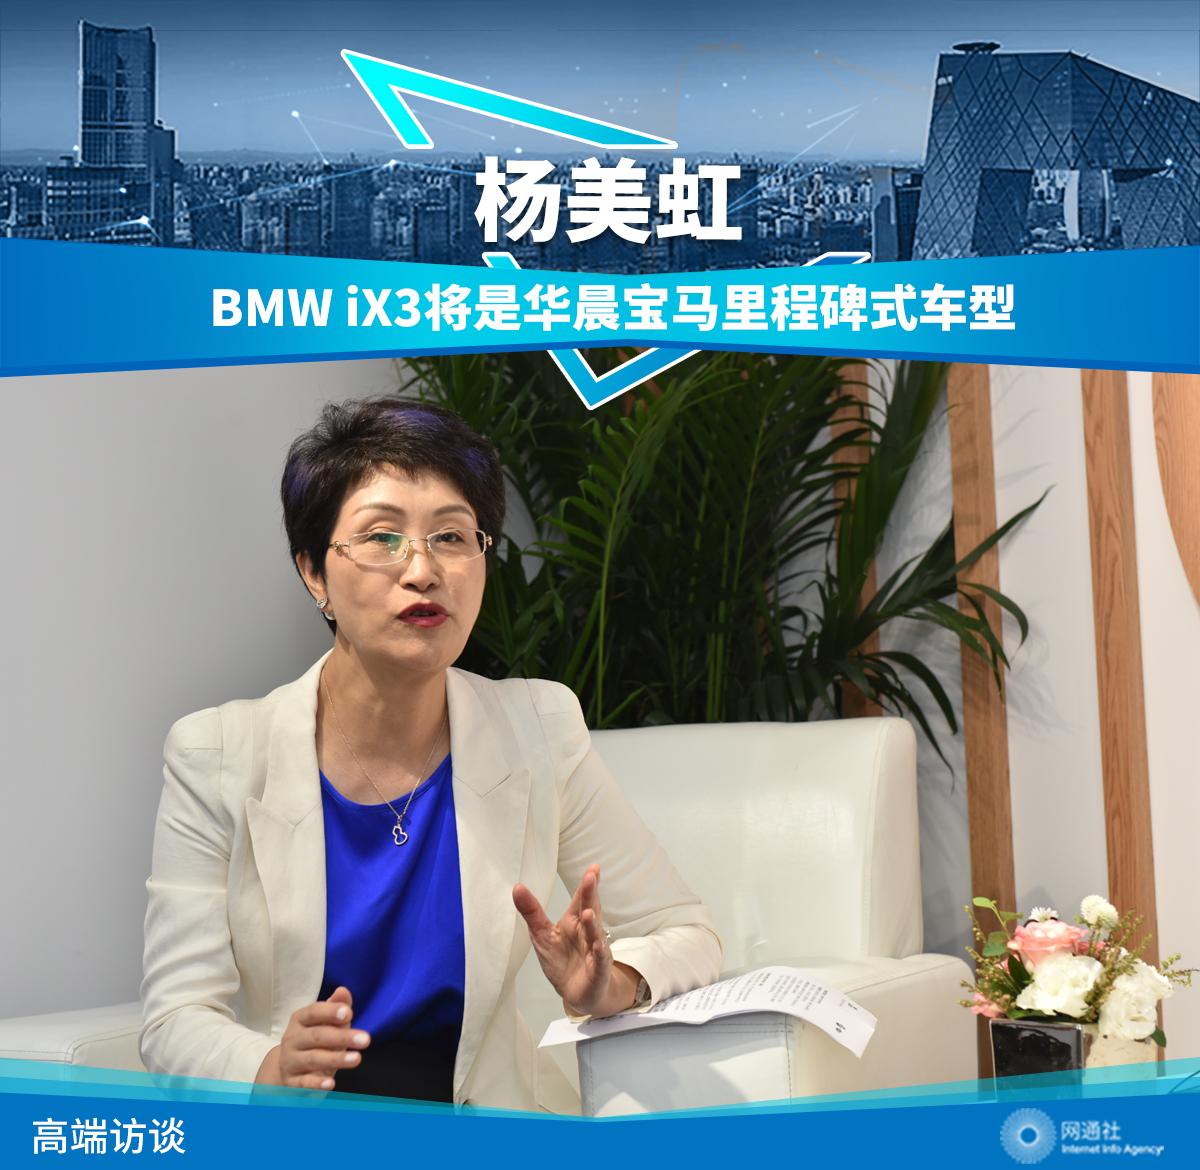 杨美虹:BMW iX3将是华晨宝马里程碑式车型